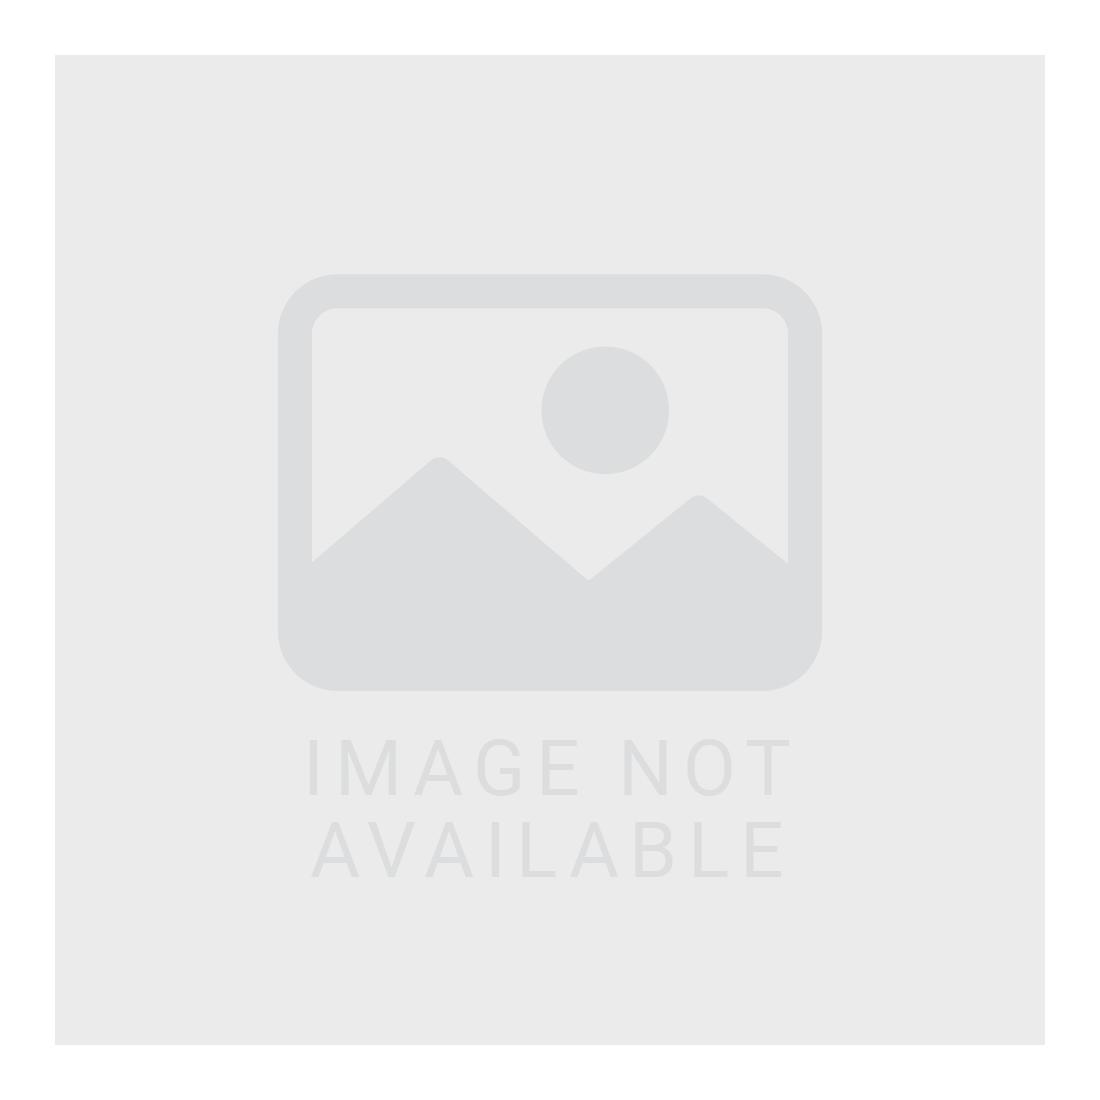 Men's Grille T-shirt